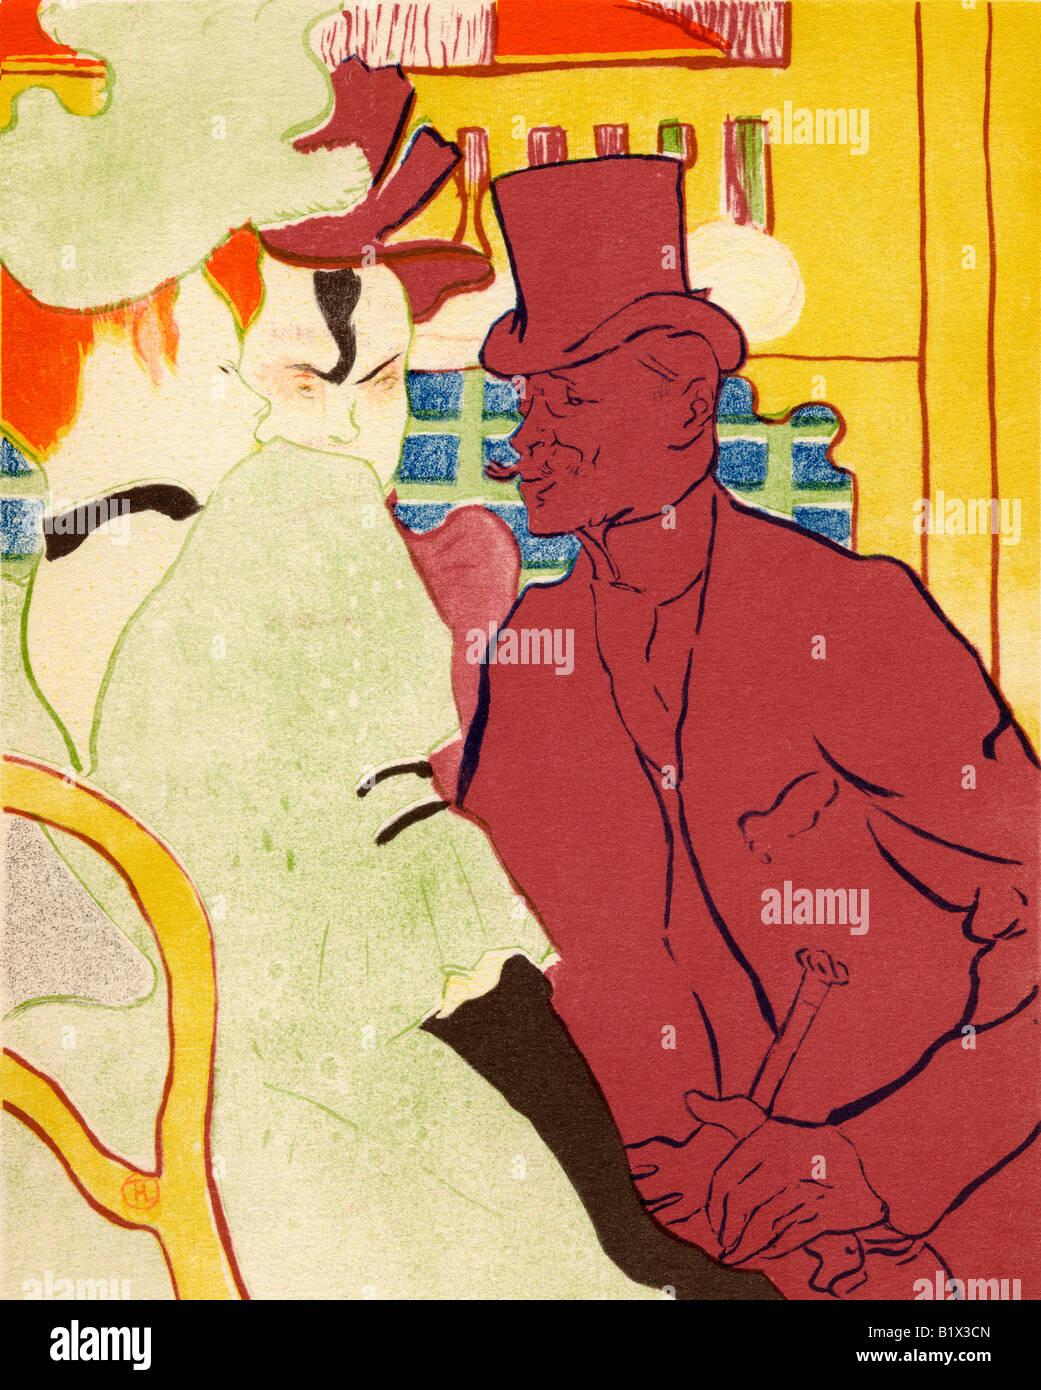 L Anglais Au Moulin Rouge 1892 Coloured Lithograph by Henri Marie Raymond de Toulouse Lautrec Monfa 1864 1901 - Stock Image